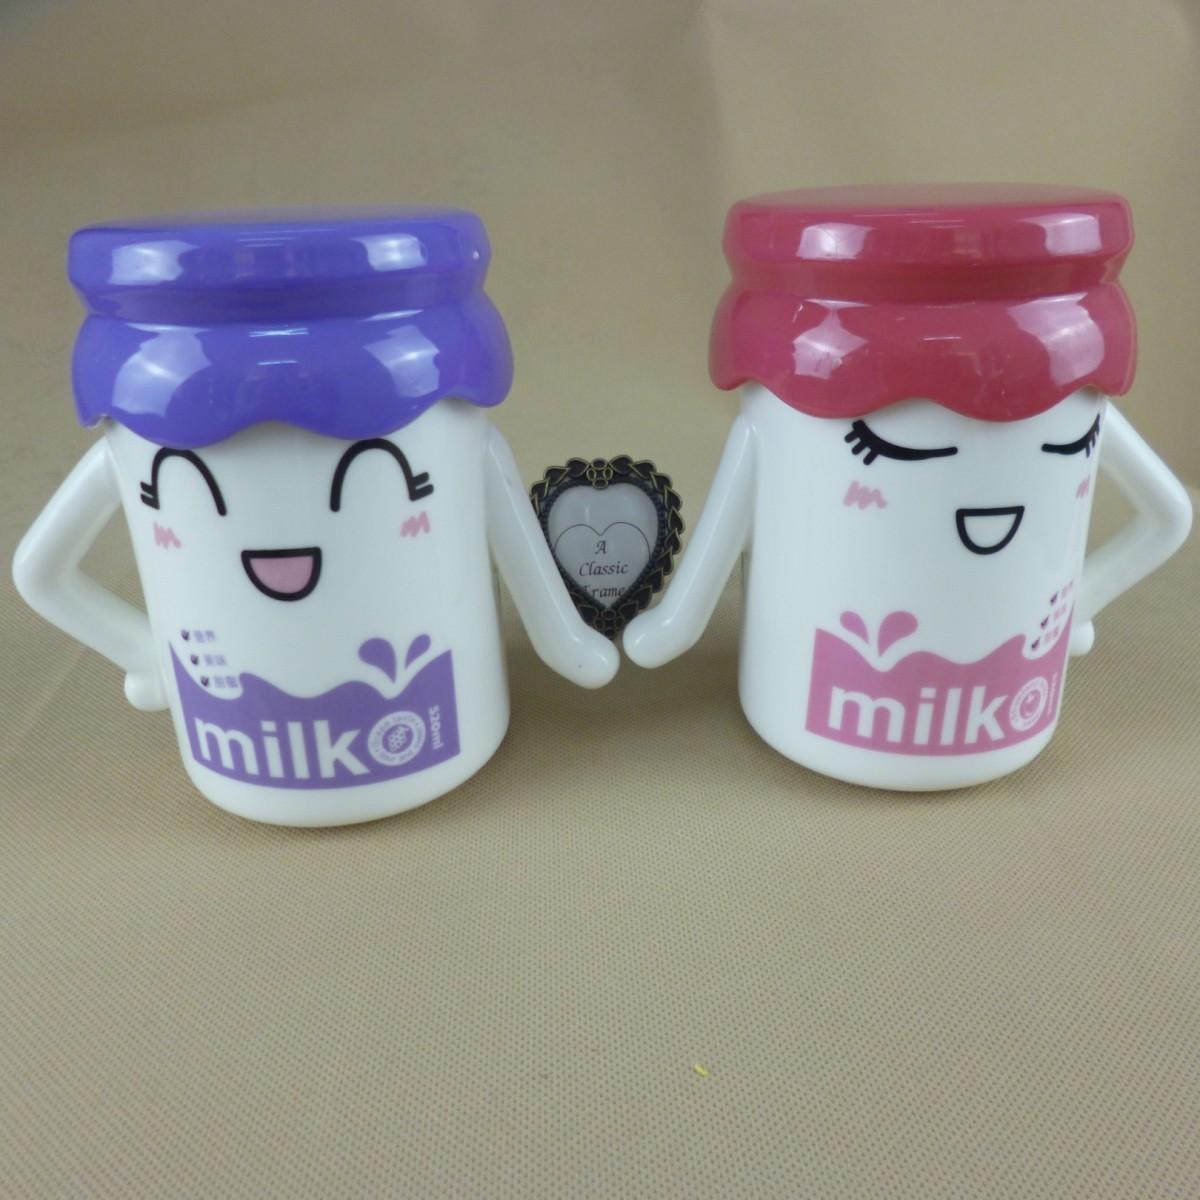 大号情侣牵手对杯 马克杯骨瓷杯 卡通创意奶瓶杯 带盖 2个包邮